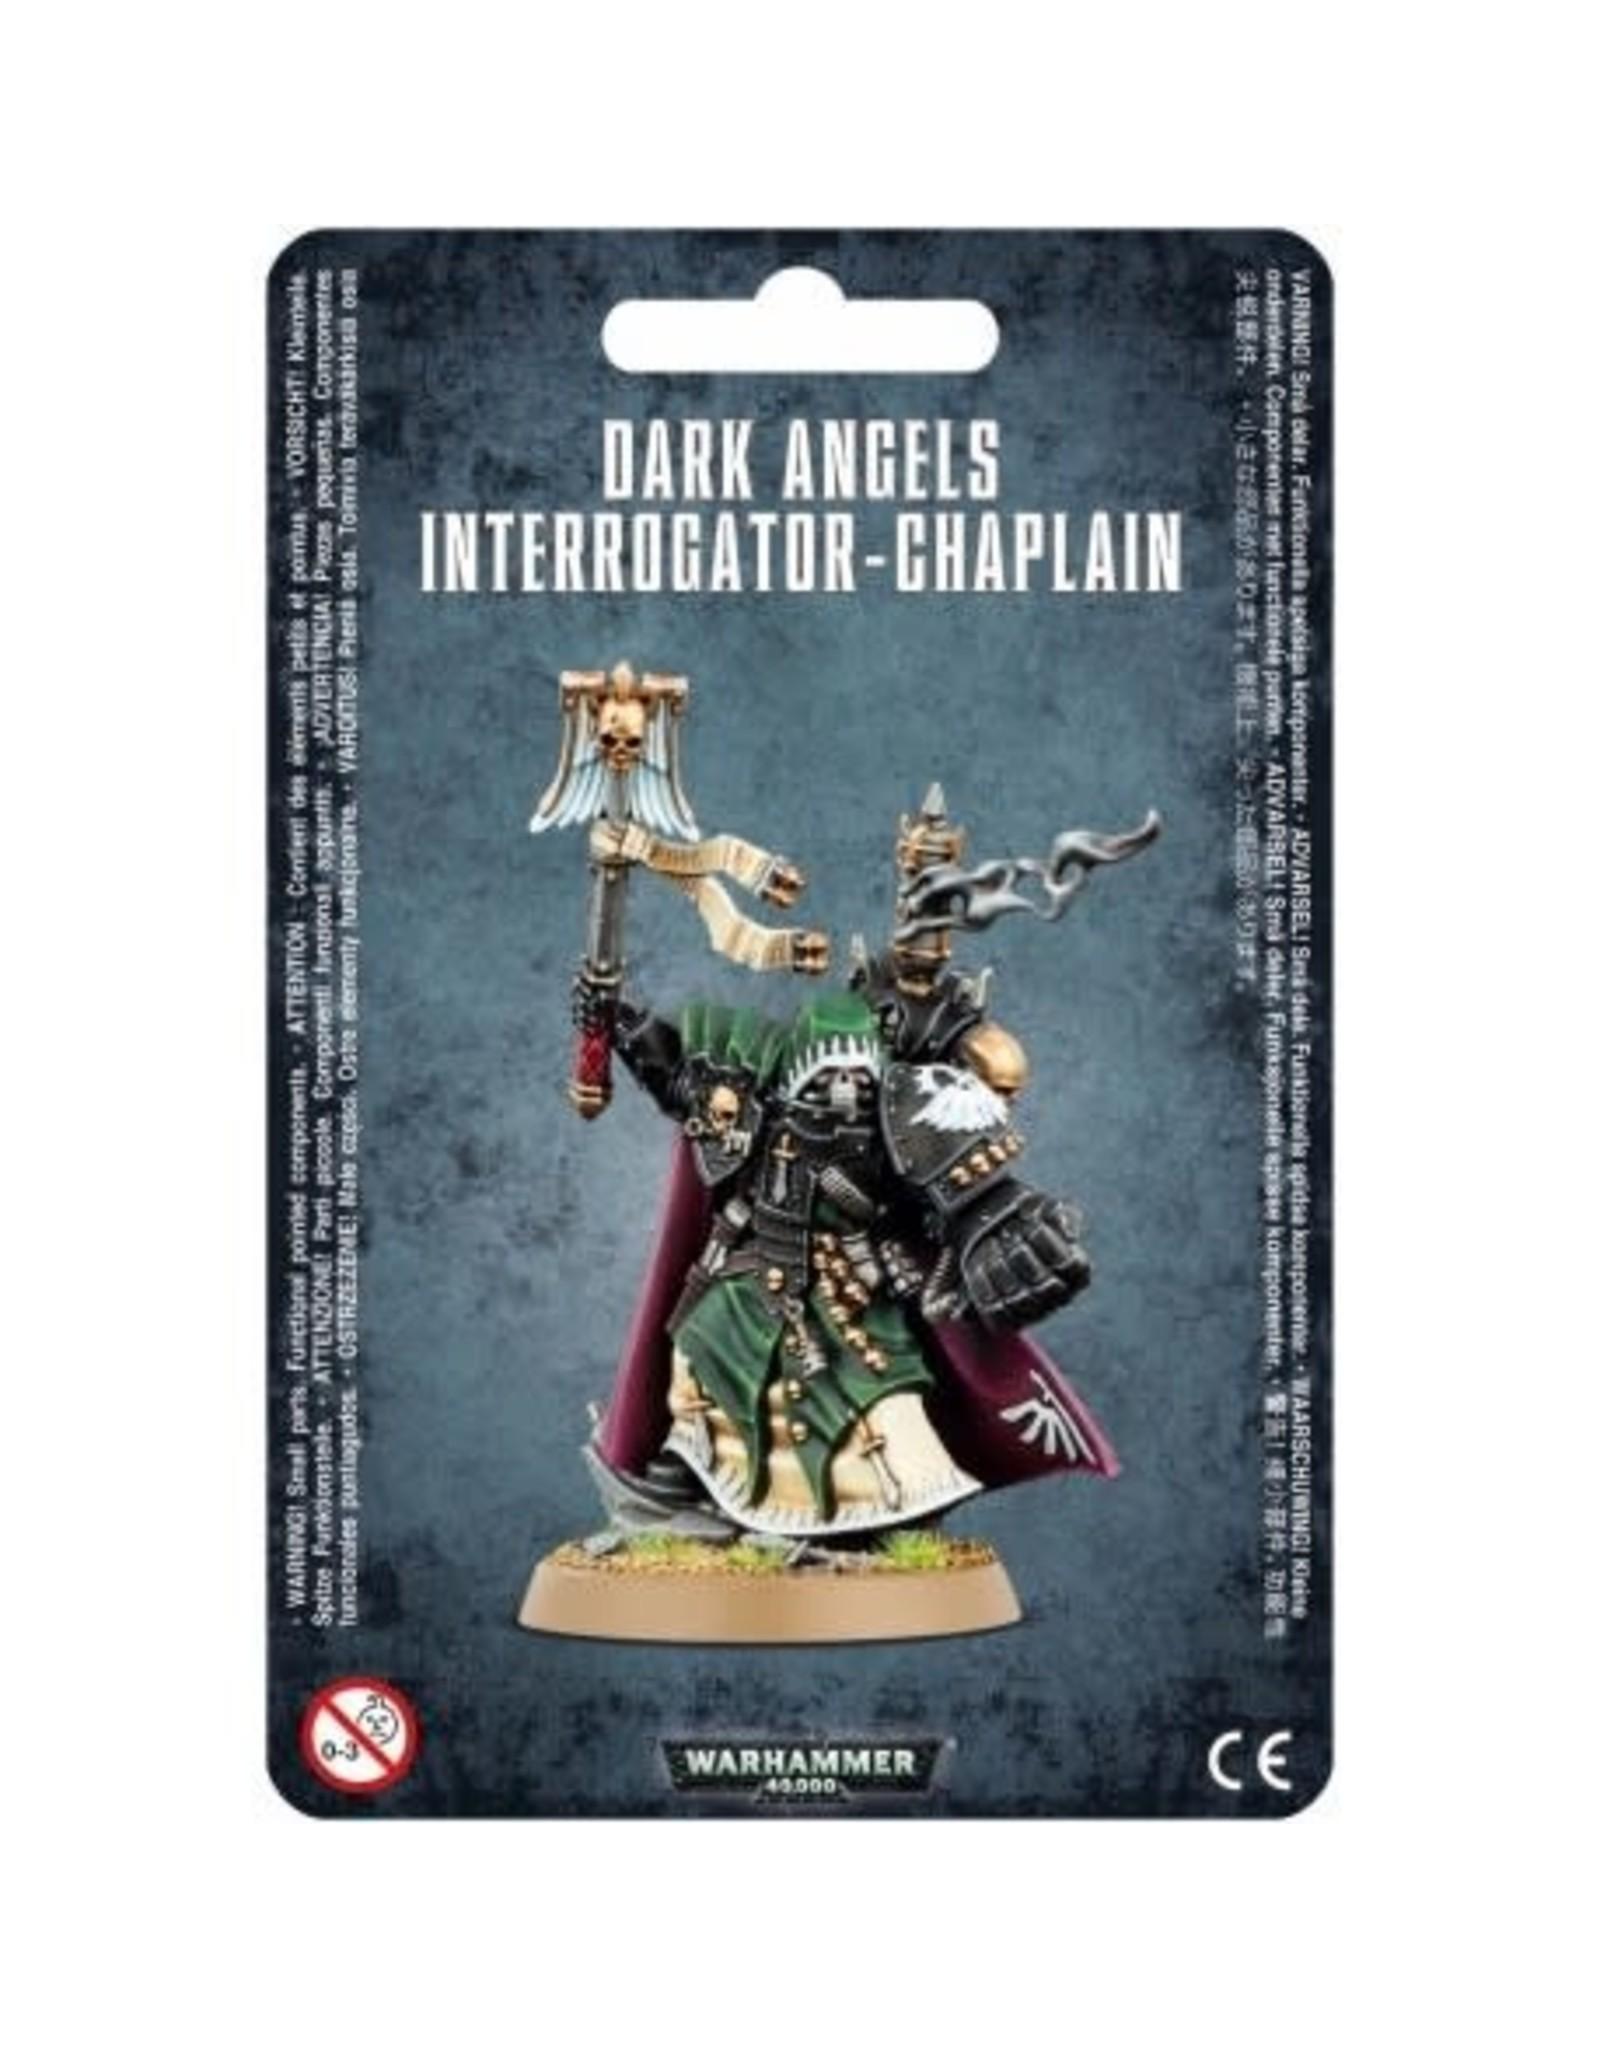 Games-Workshop DARK ANGELS INTERROGATOR-CHAPLAIN